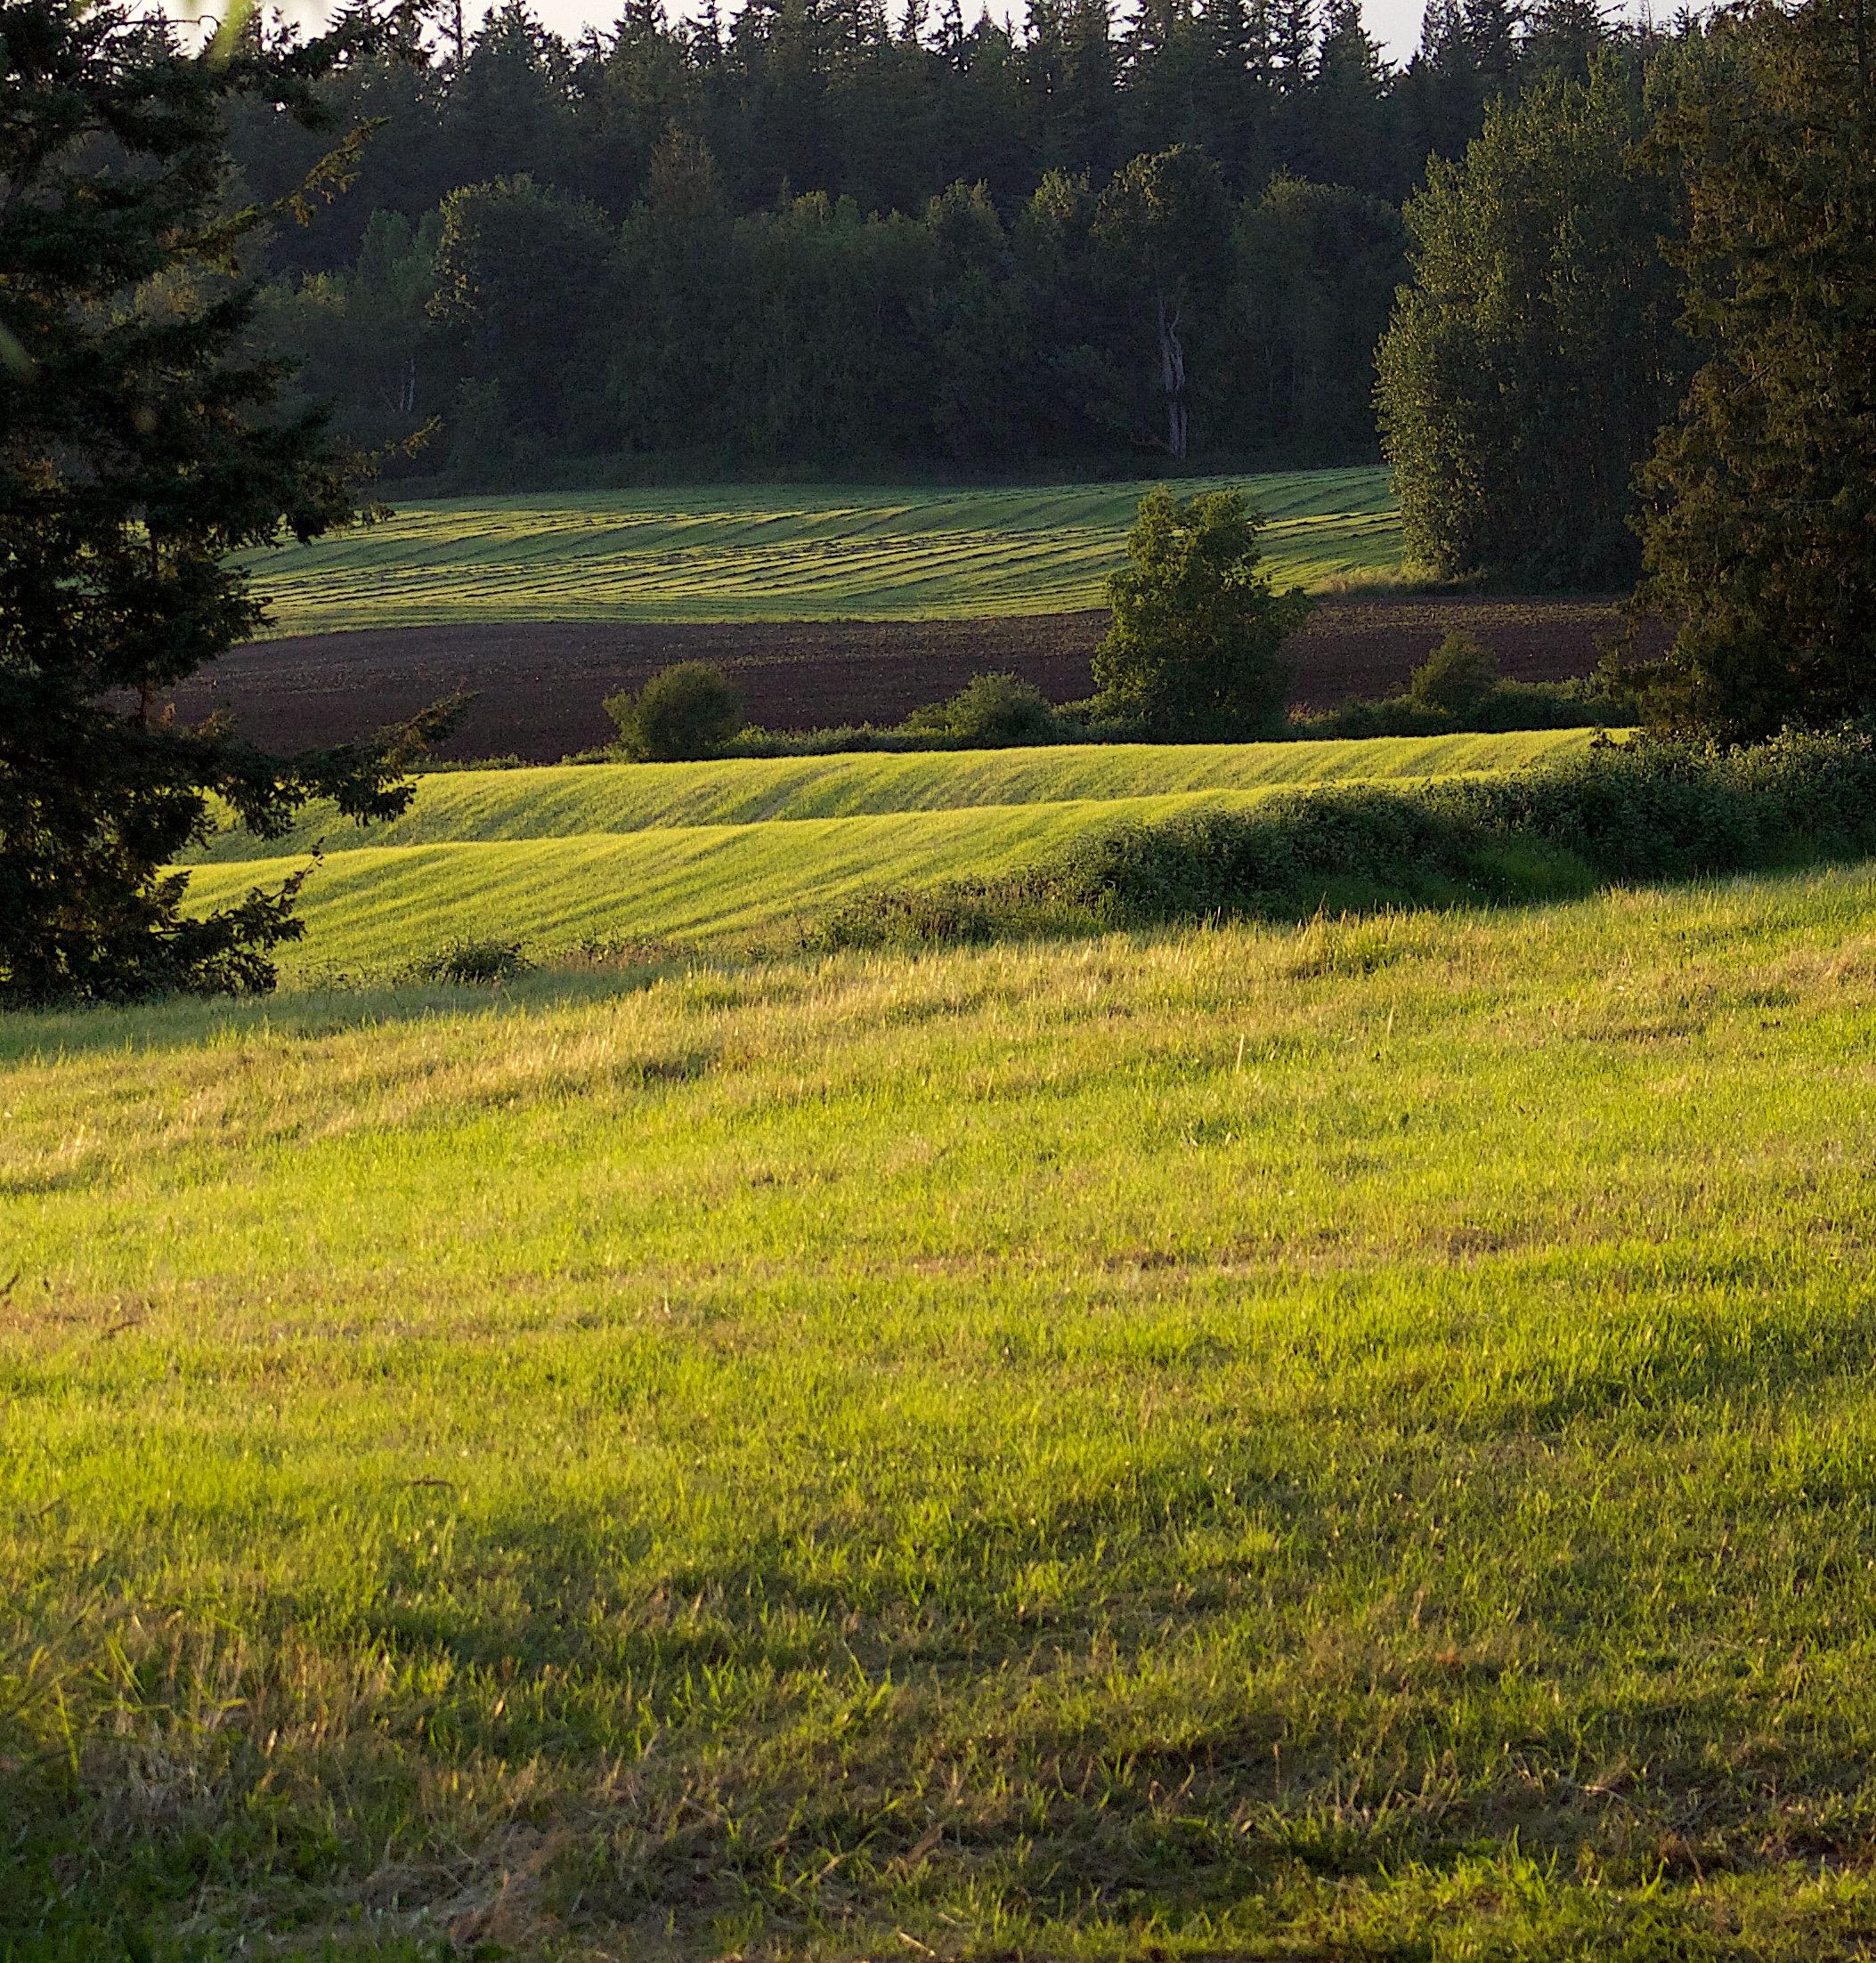 rollingfield